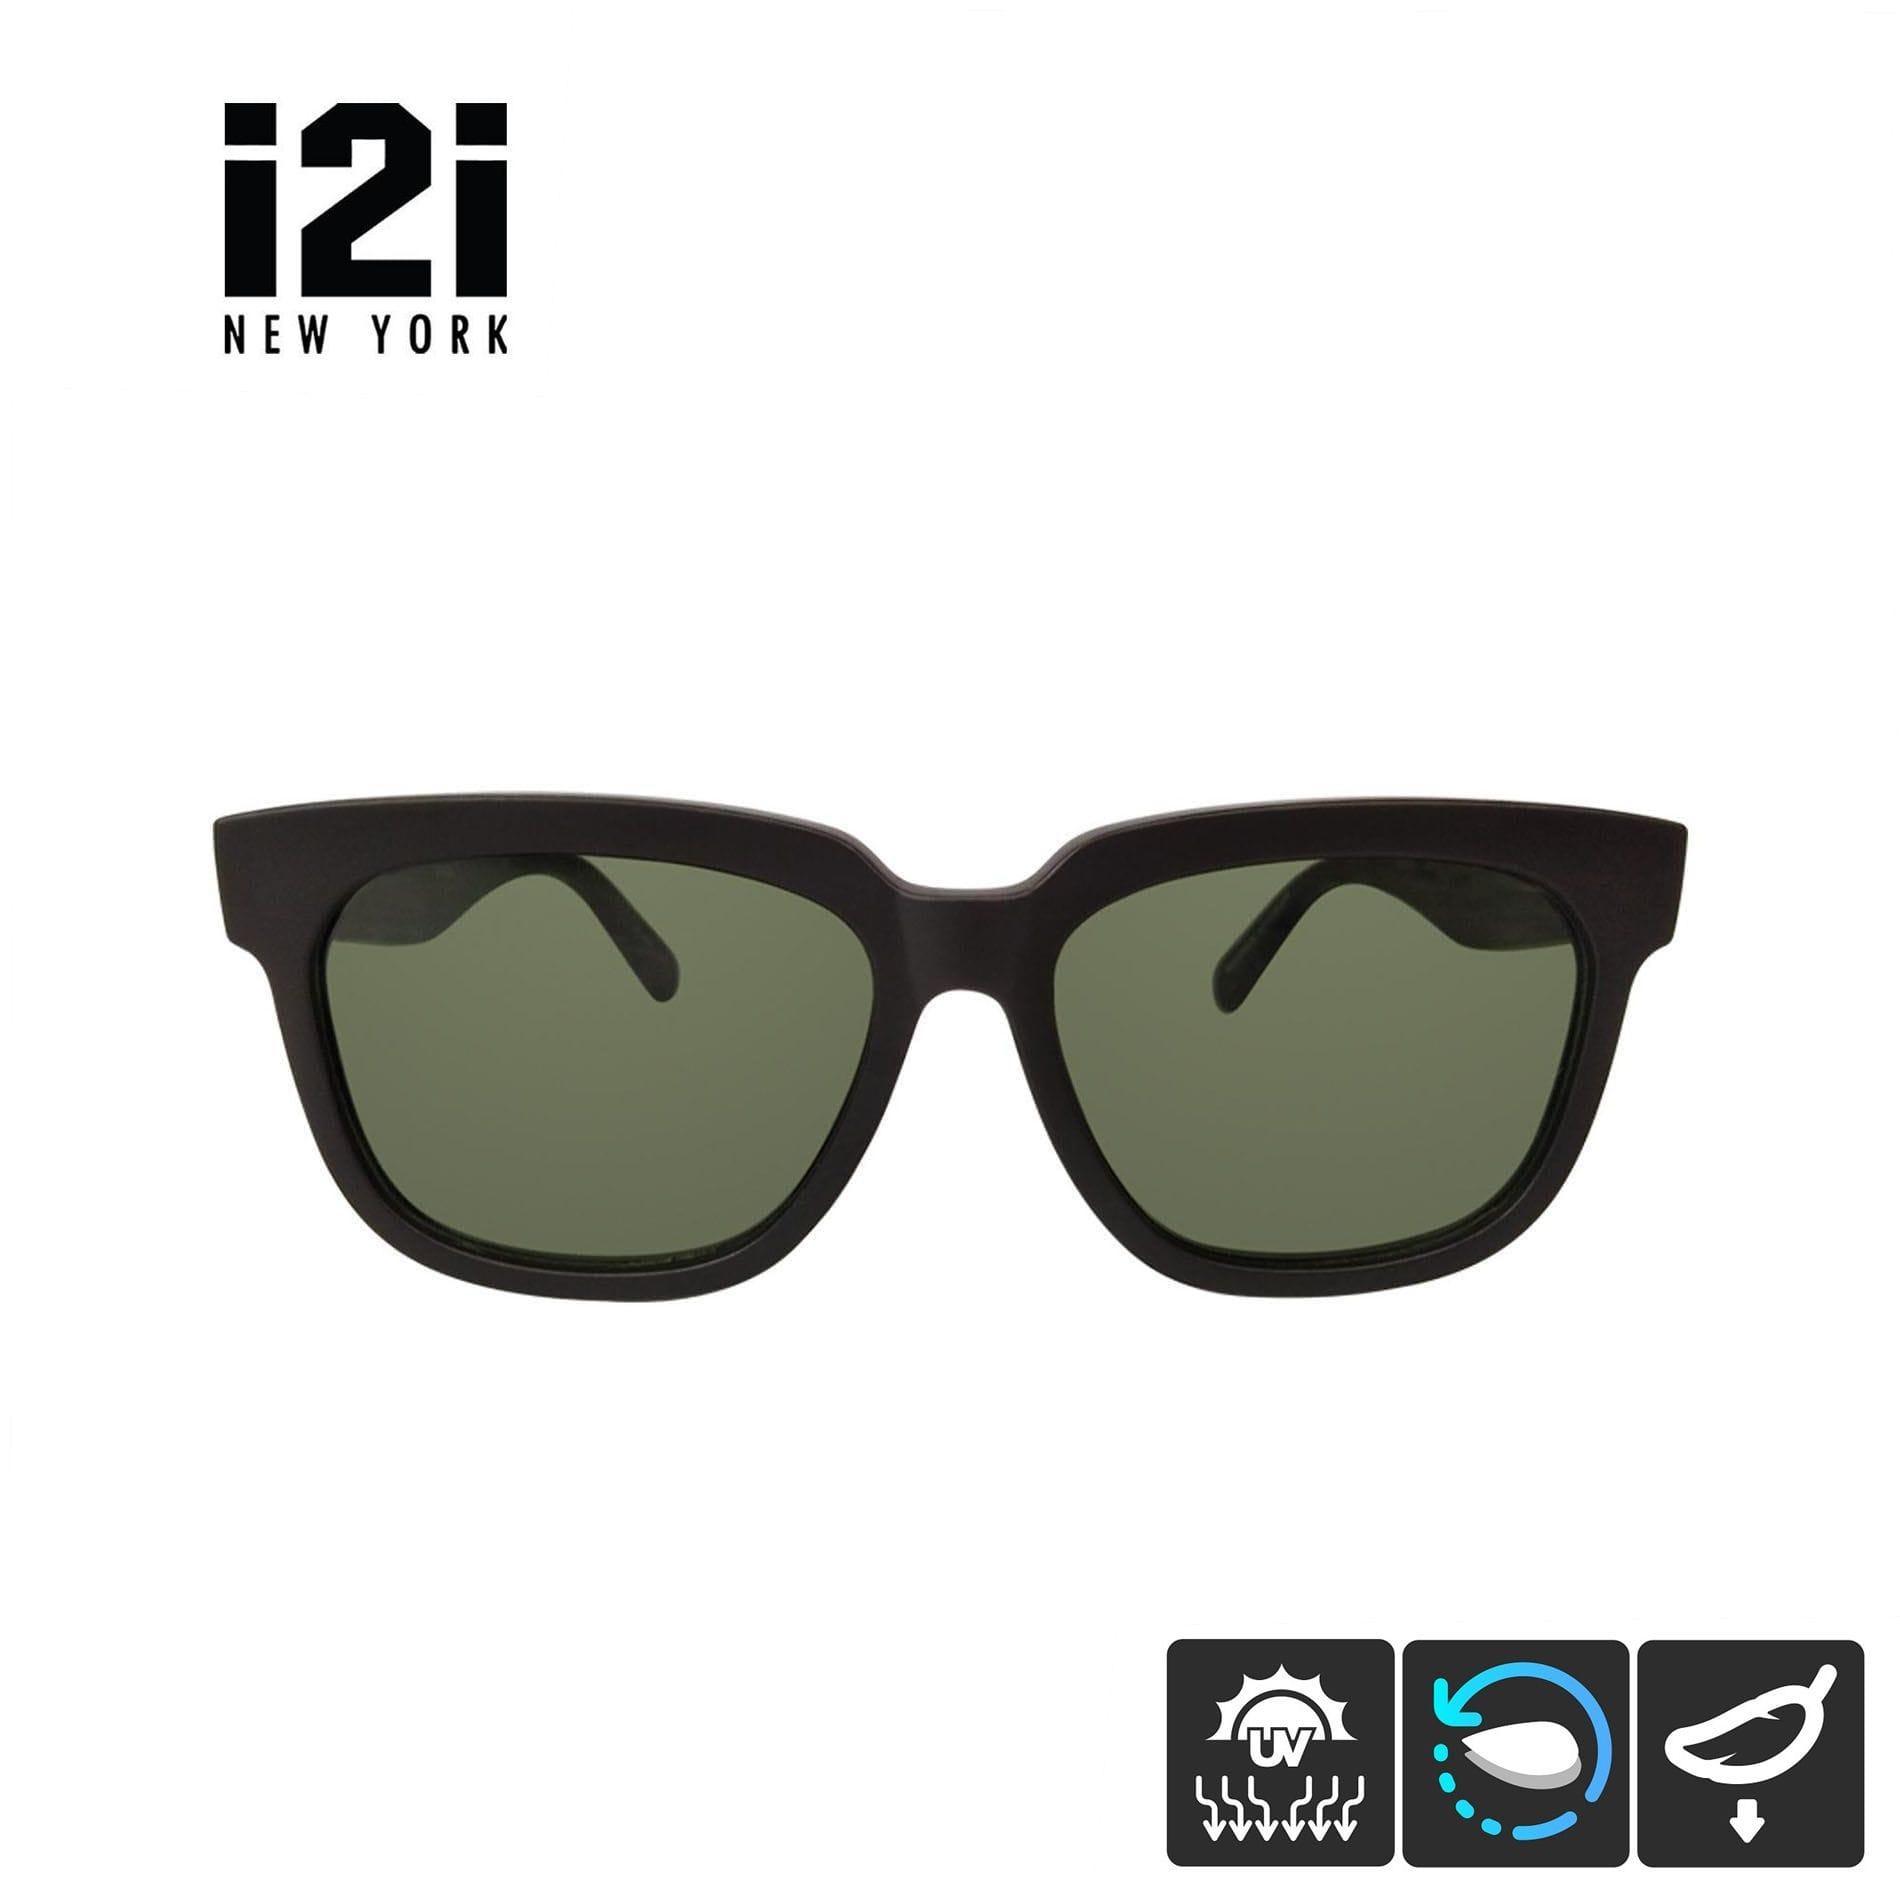 57016ed5e2 I2I New York Glasses Philippines - I2I New York Eyewear for sale ...